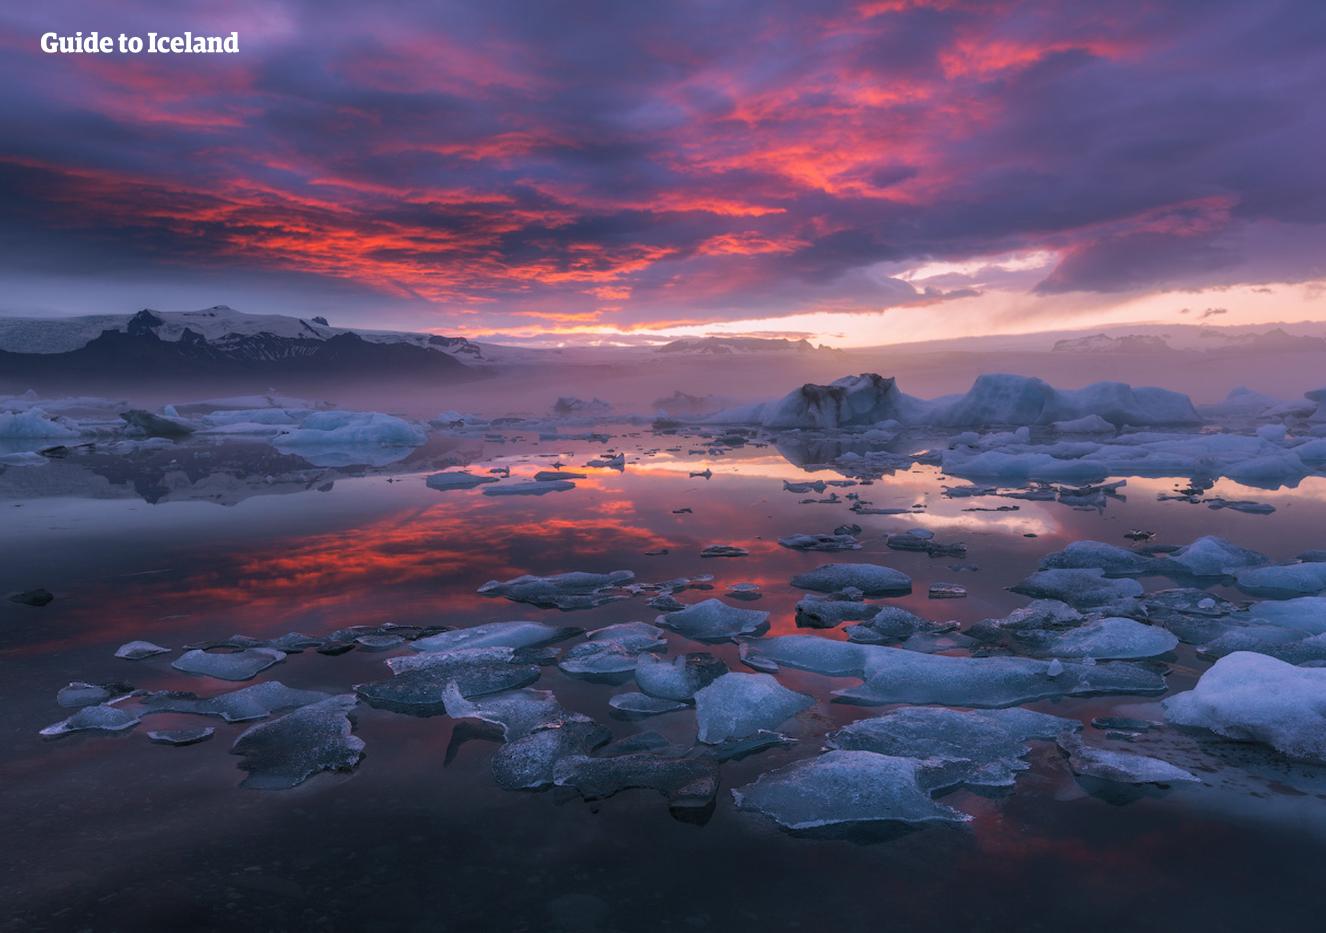 Visita la splendida laguna glaciale di Jökulsárlón e ammira gli iceberg che galleggiano sull'acqua gelata.